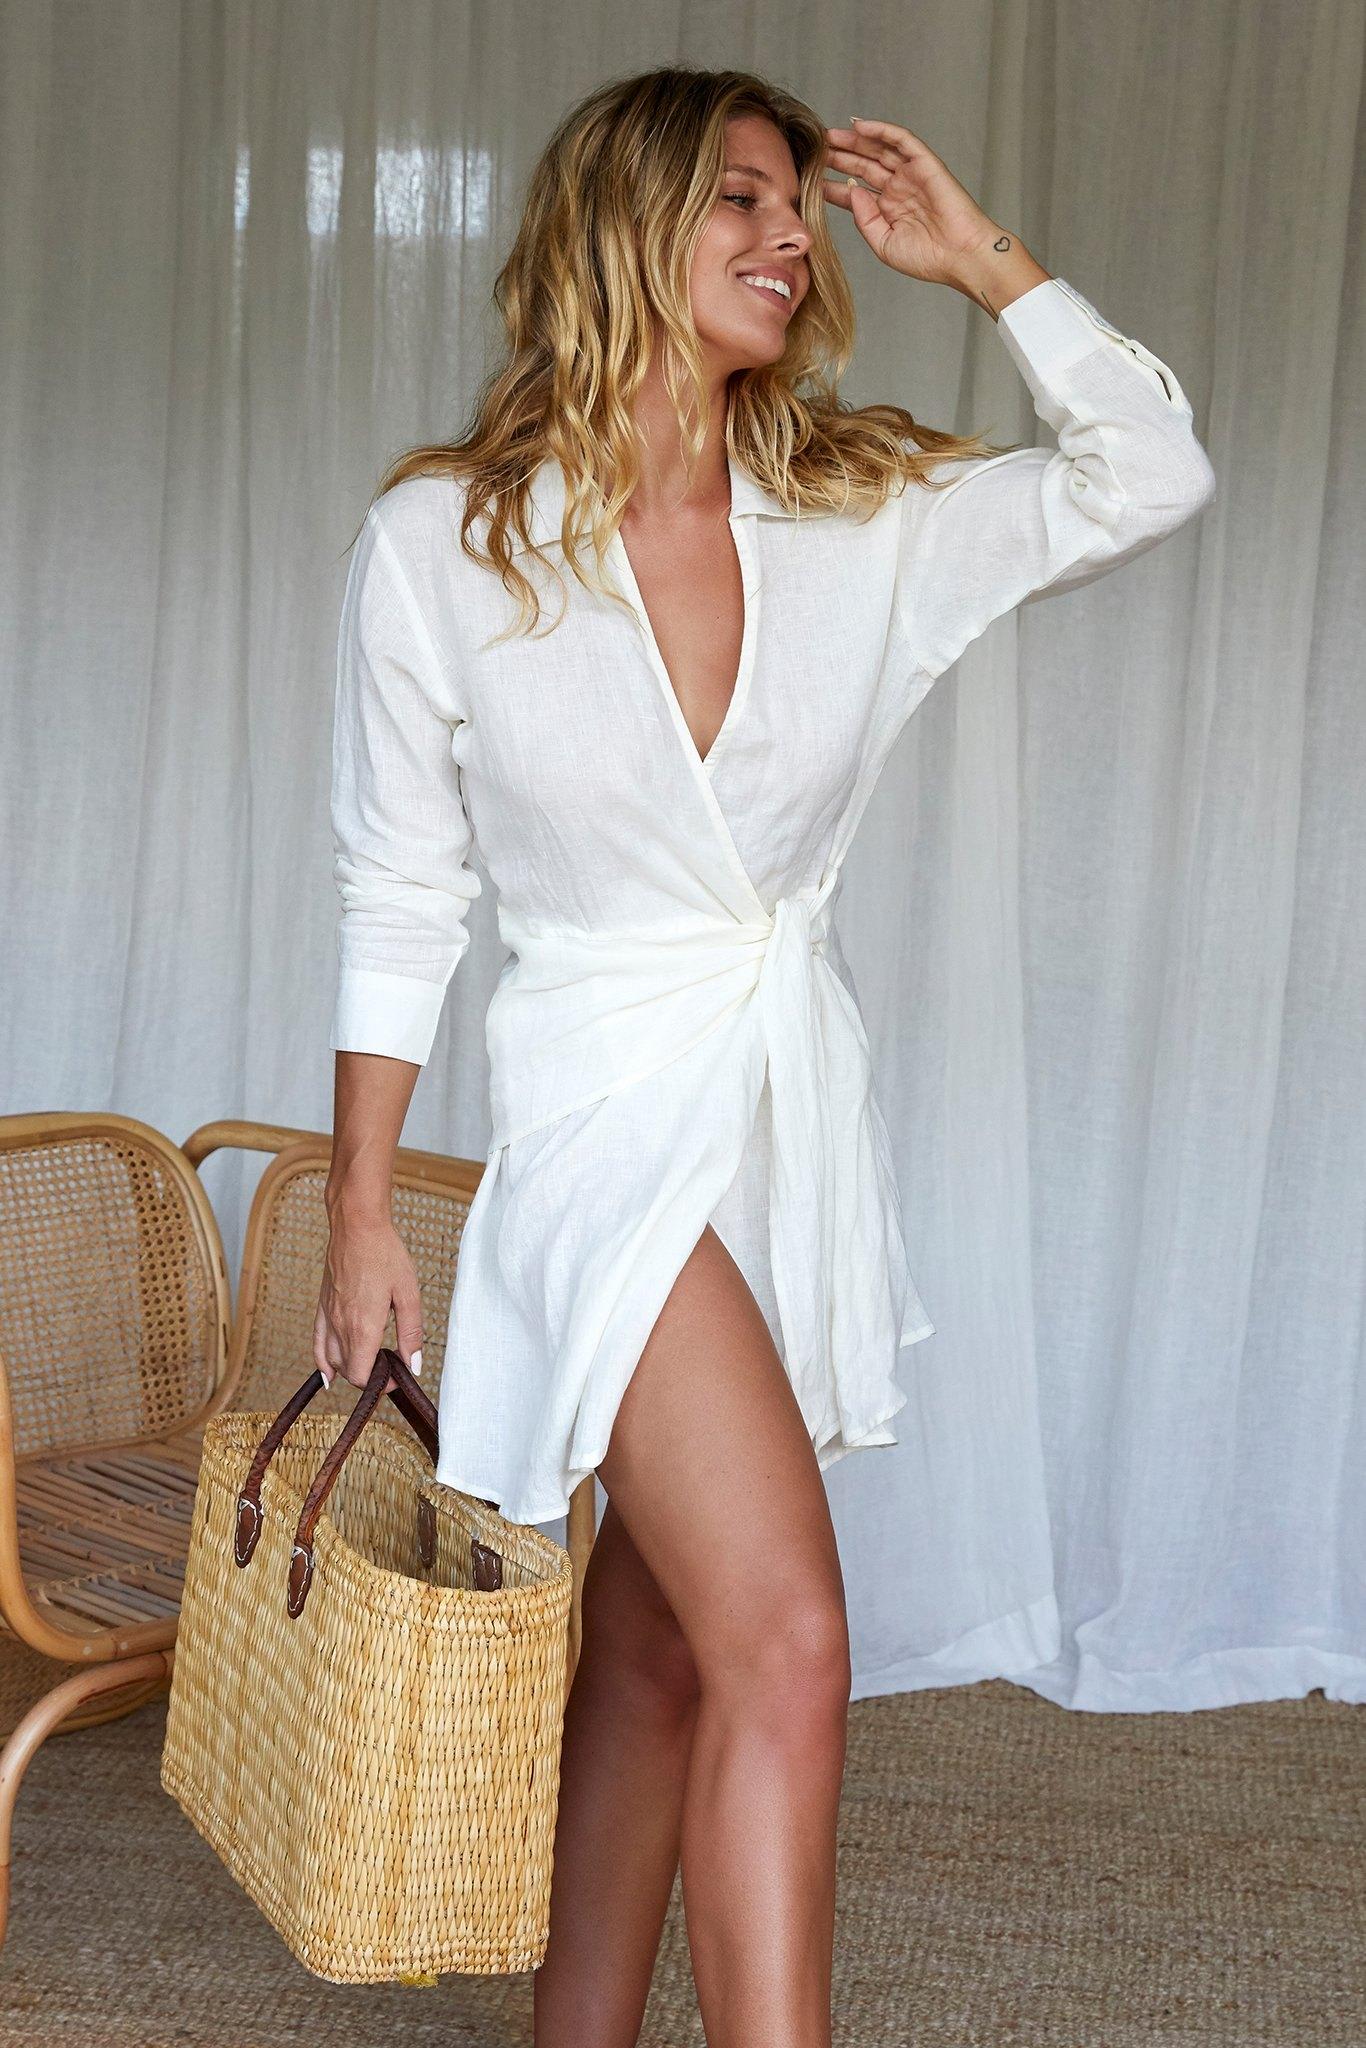 Kythira Dress by Monday Swimwear, available on mondayswimwear.com for $148 Natasha Oakley Dress Exact Product